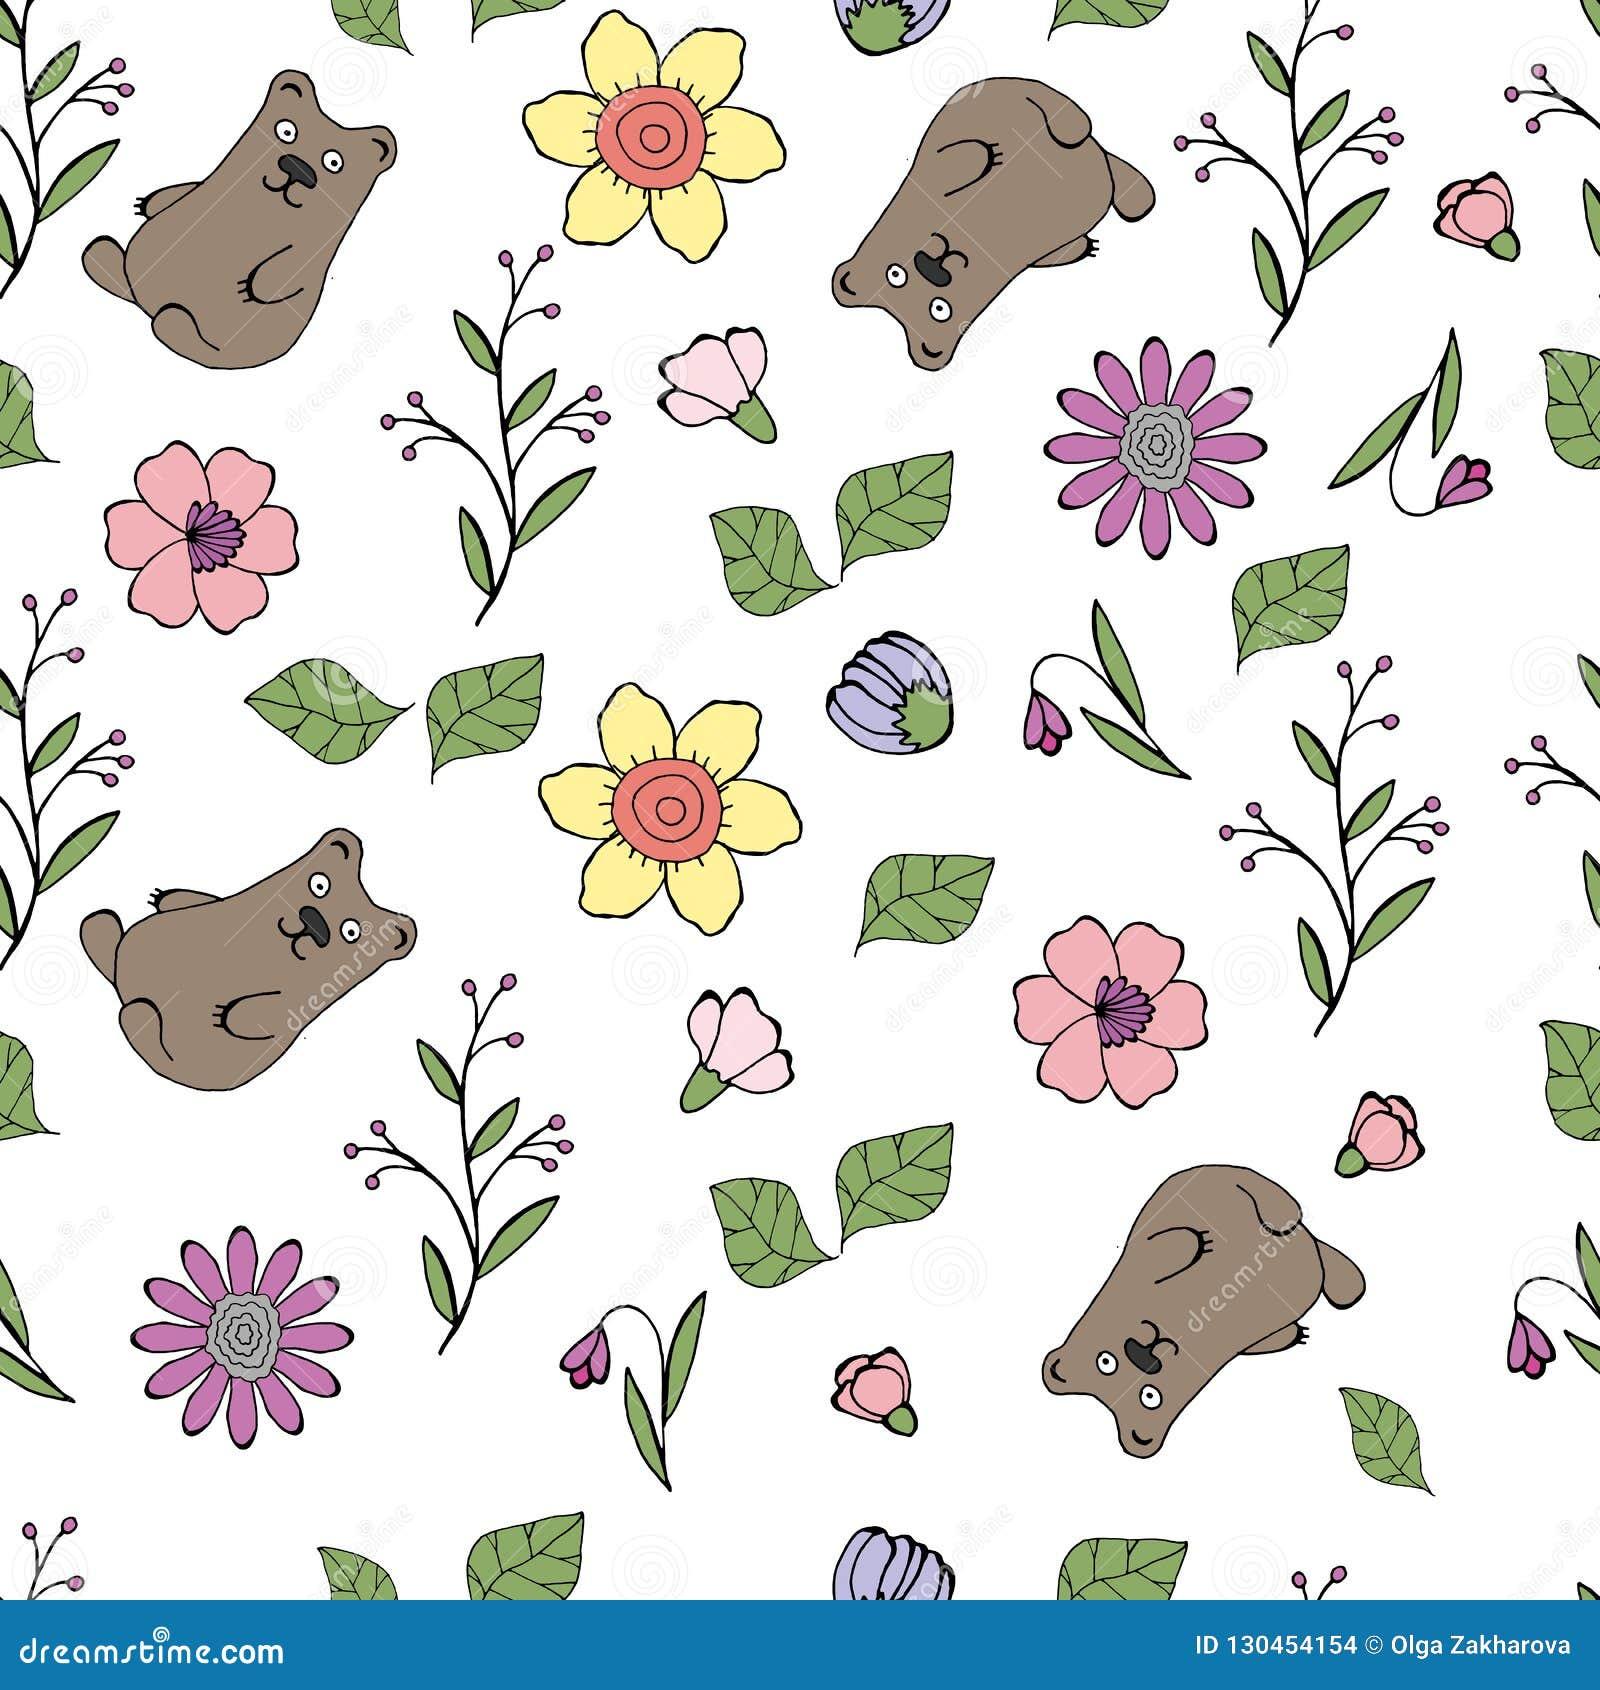 De vectorillustratie van een patroon met bloemen, bladeren, draagt